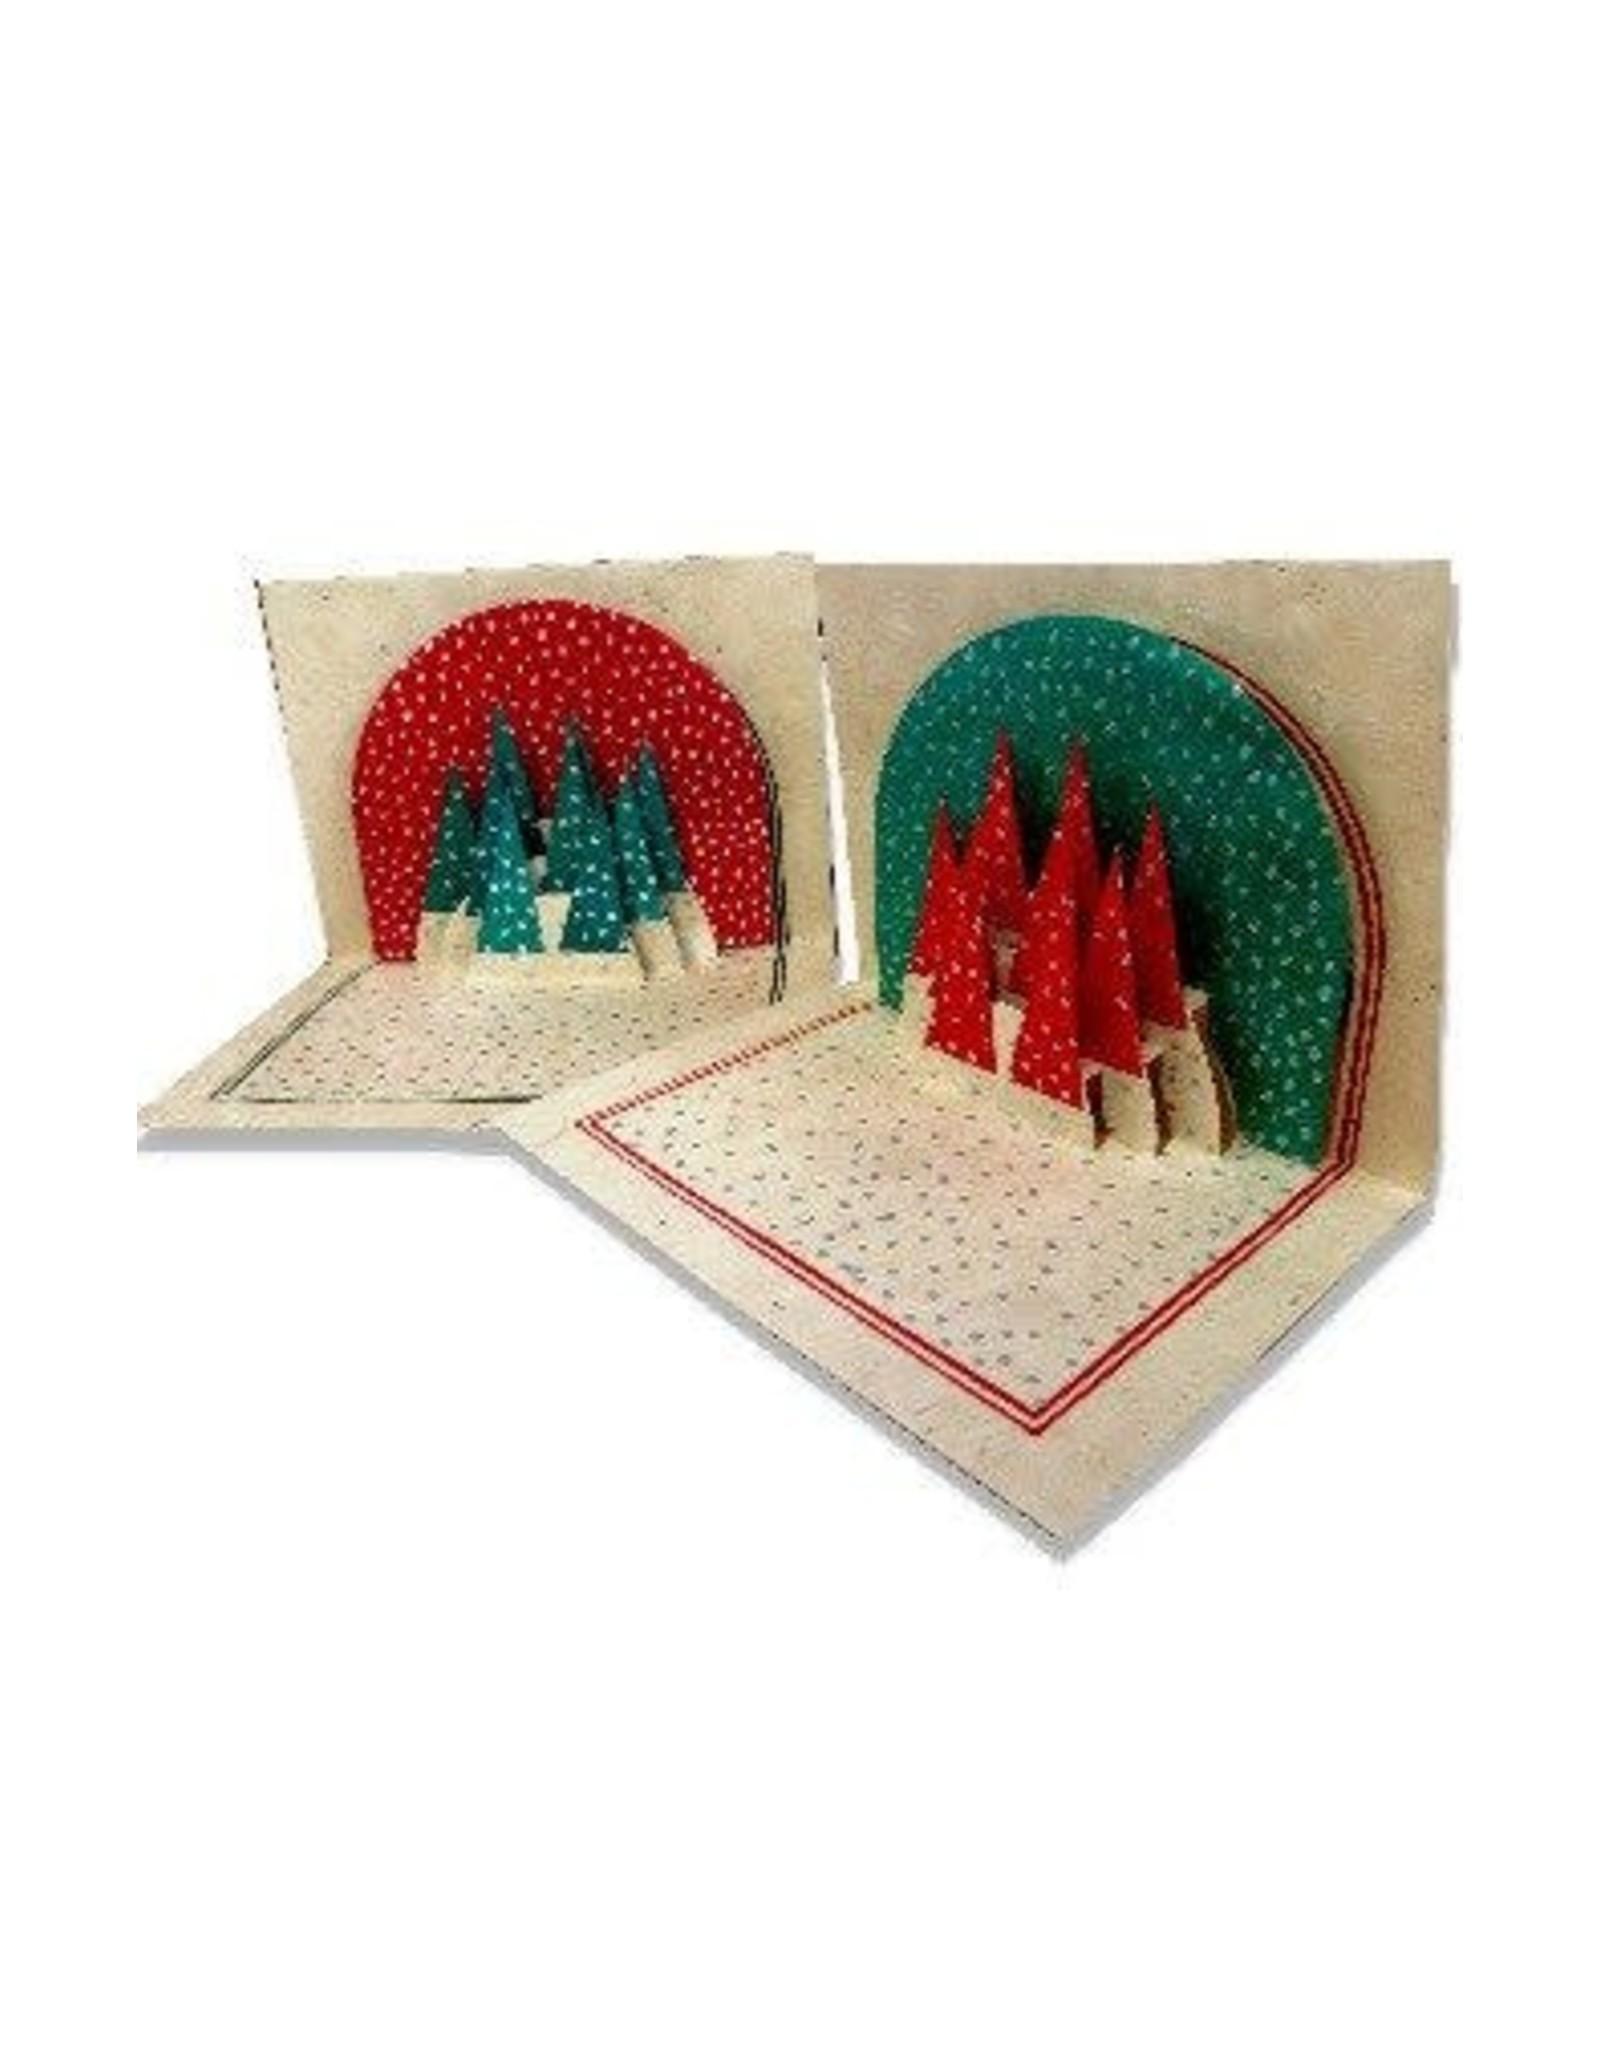 Ganesh Himal Pop up Holiday Tree Card, set of 2, Nepal